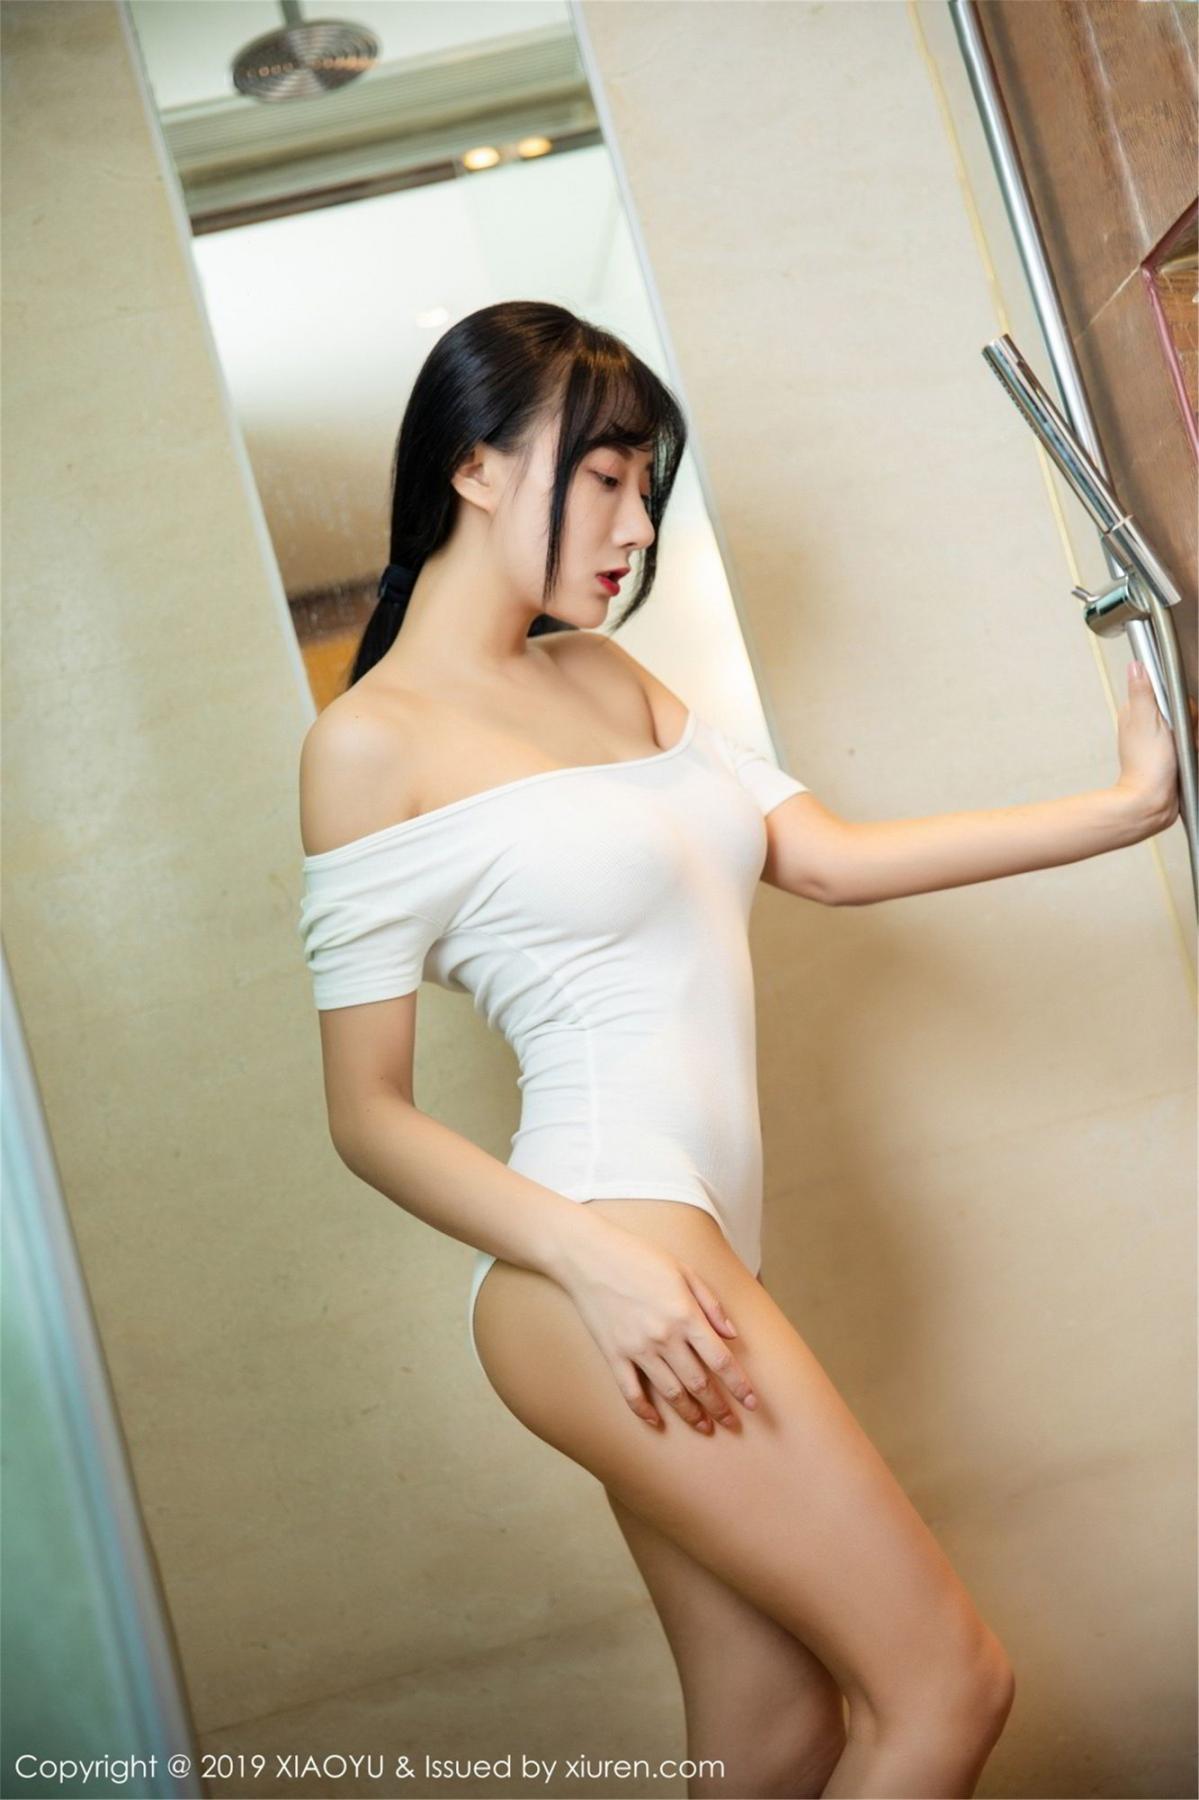 [XiaoYu] Vol.116 He Jia Ying 25P, Bathroom, He Jia Ying, Wet, XiaoYu